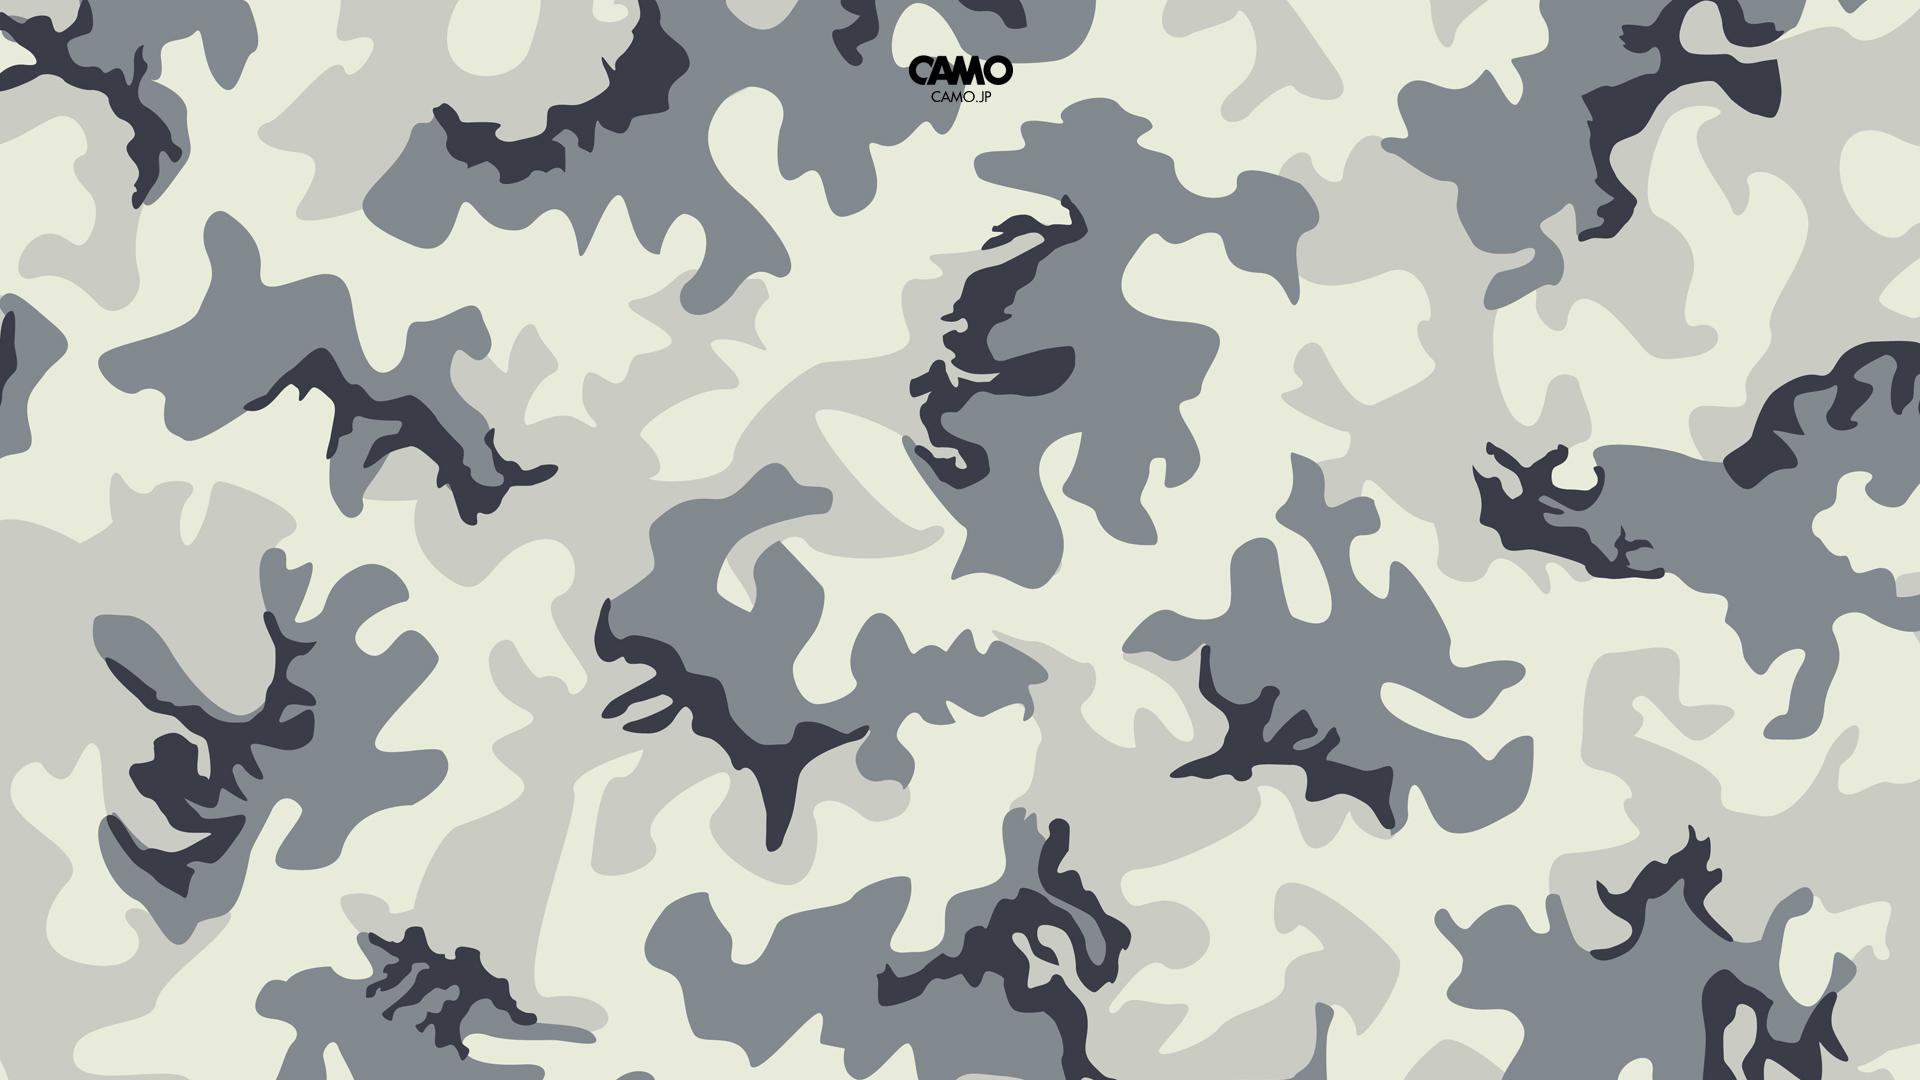 Bape camo iphone wallpaper wallpapersafari for Cama wallpaper